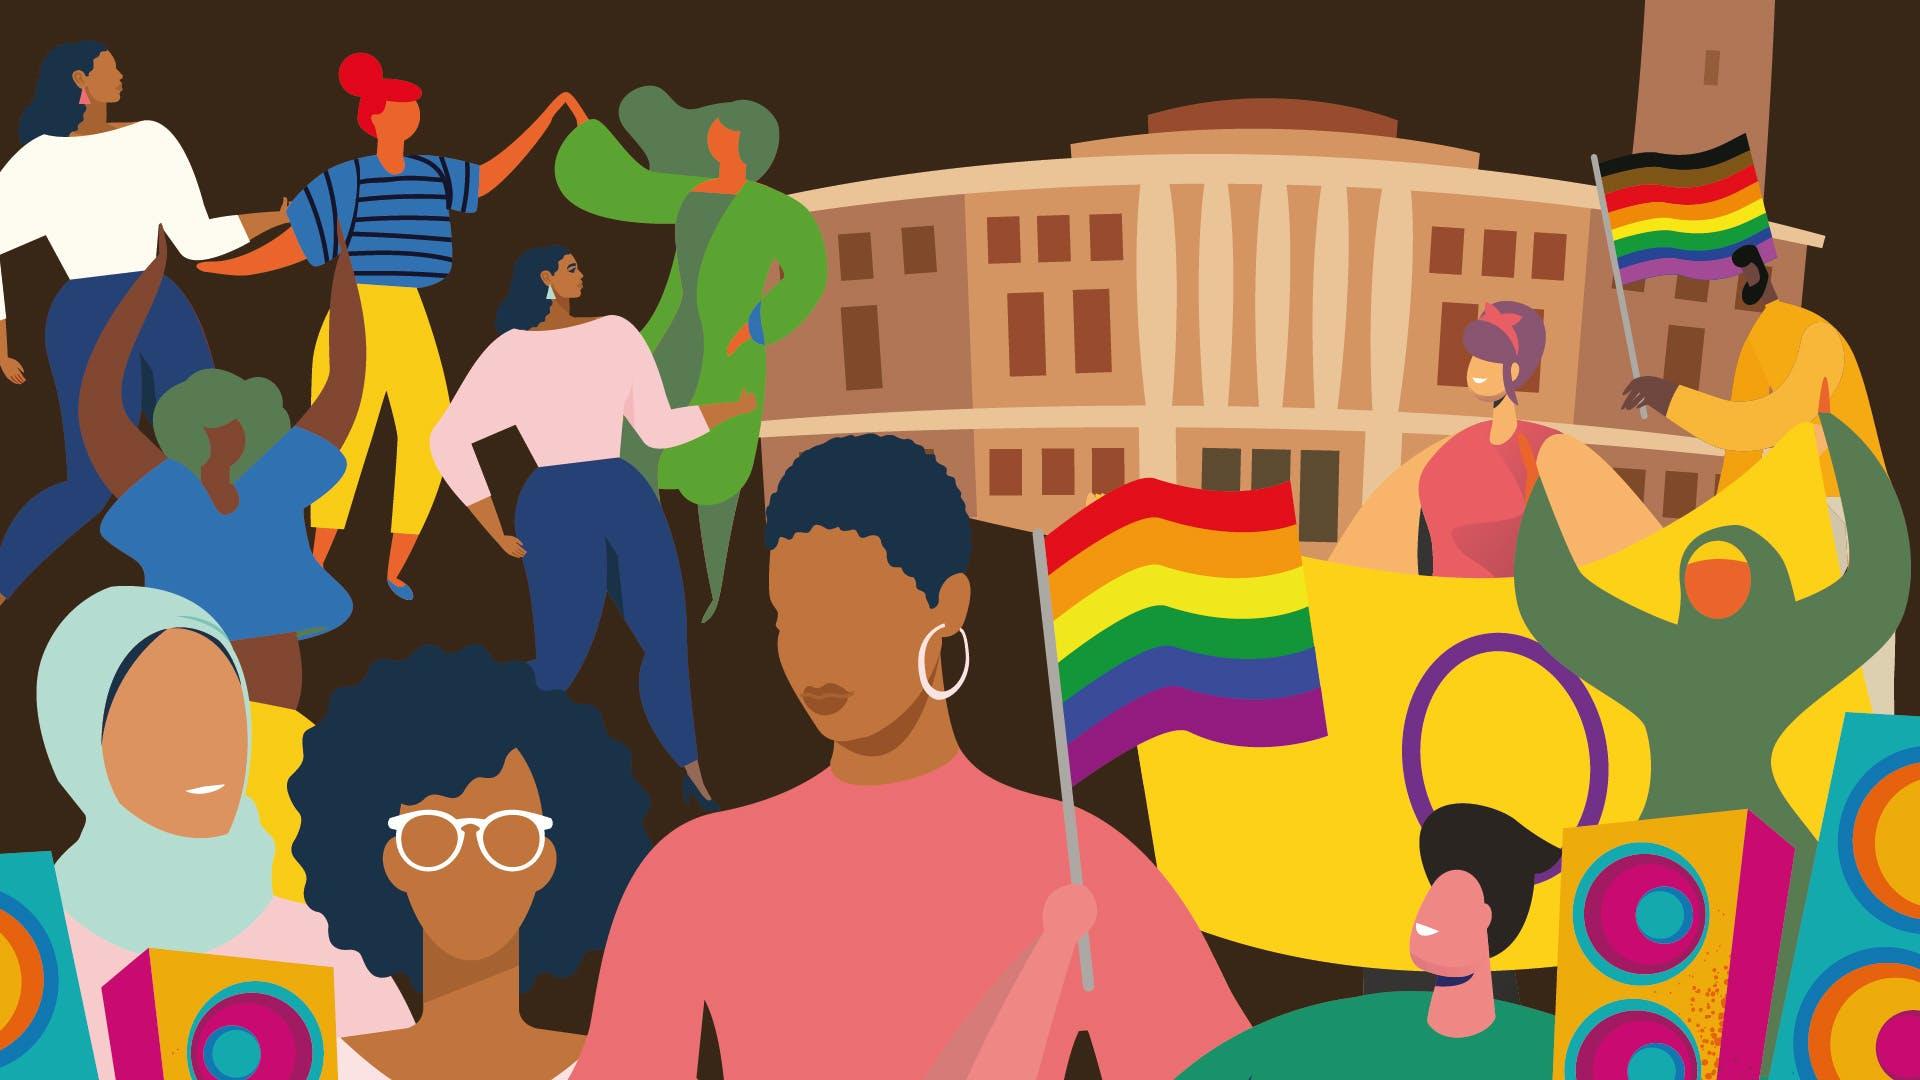 norwich pride illustration